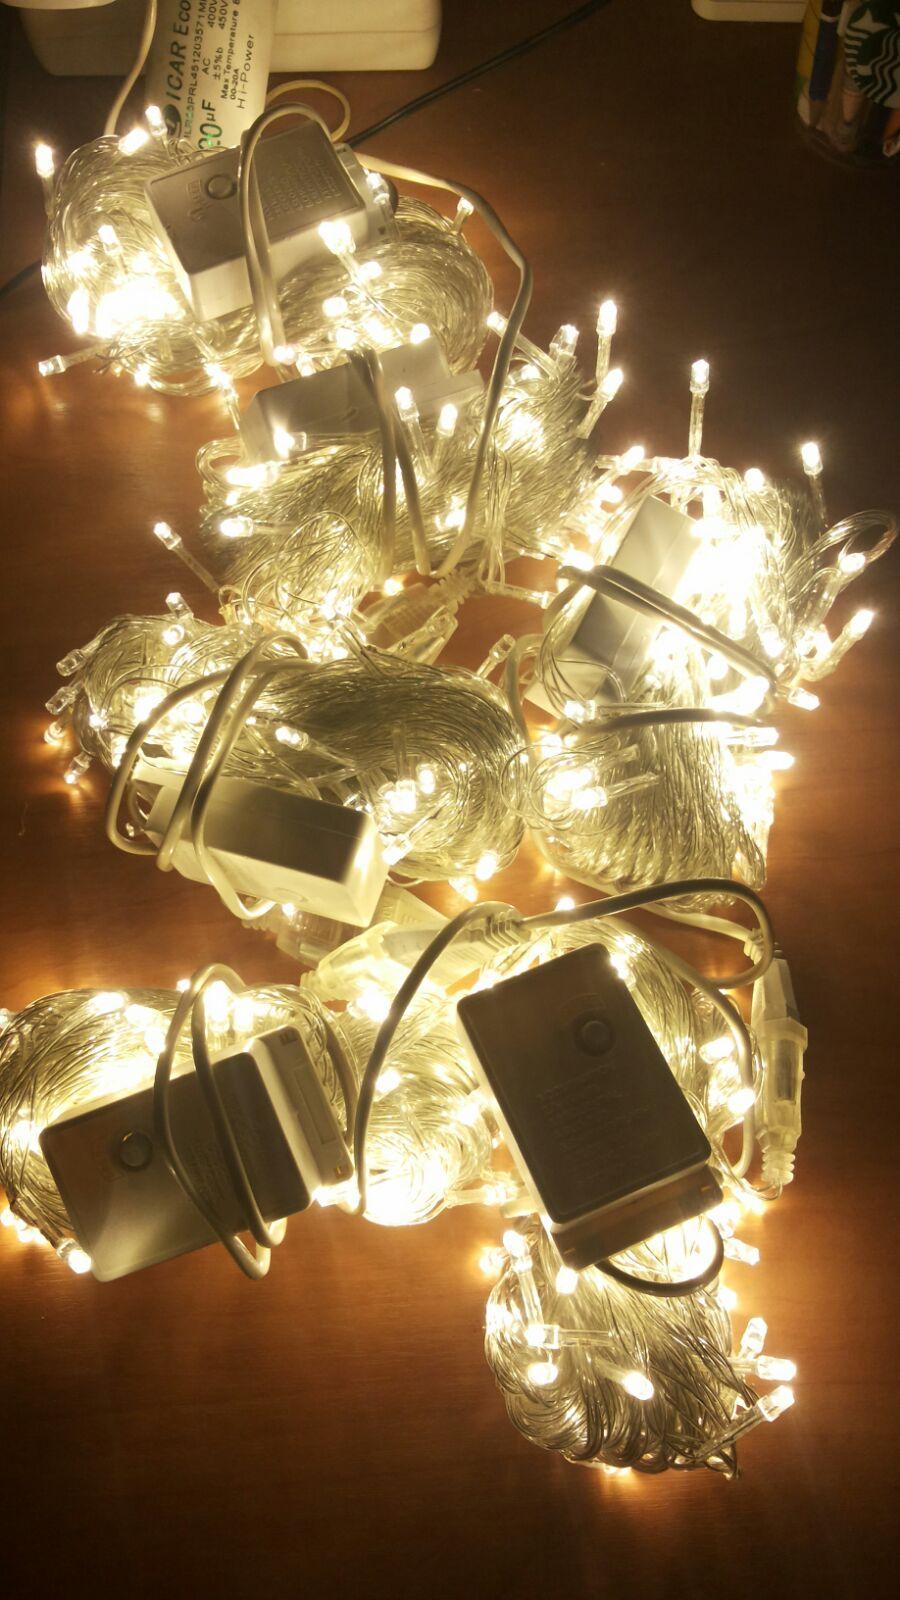 Jual GROSIR 50Pcs Rice Lamp / Tumblr Lamp / Lampu Natal